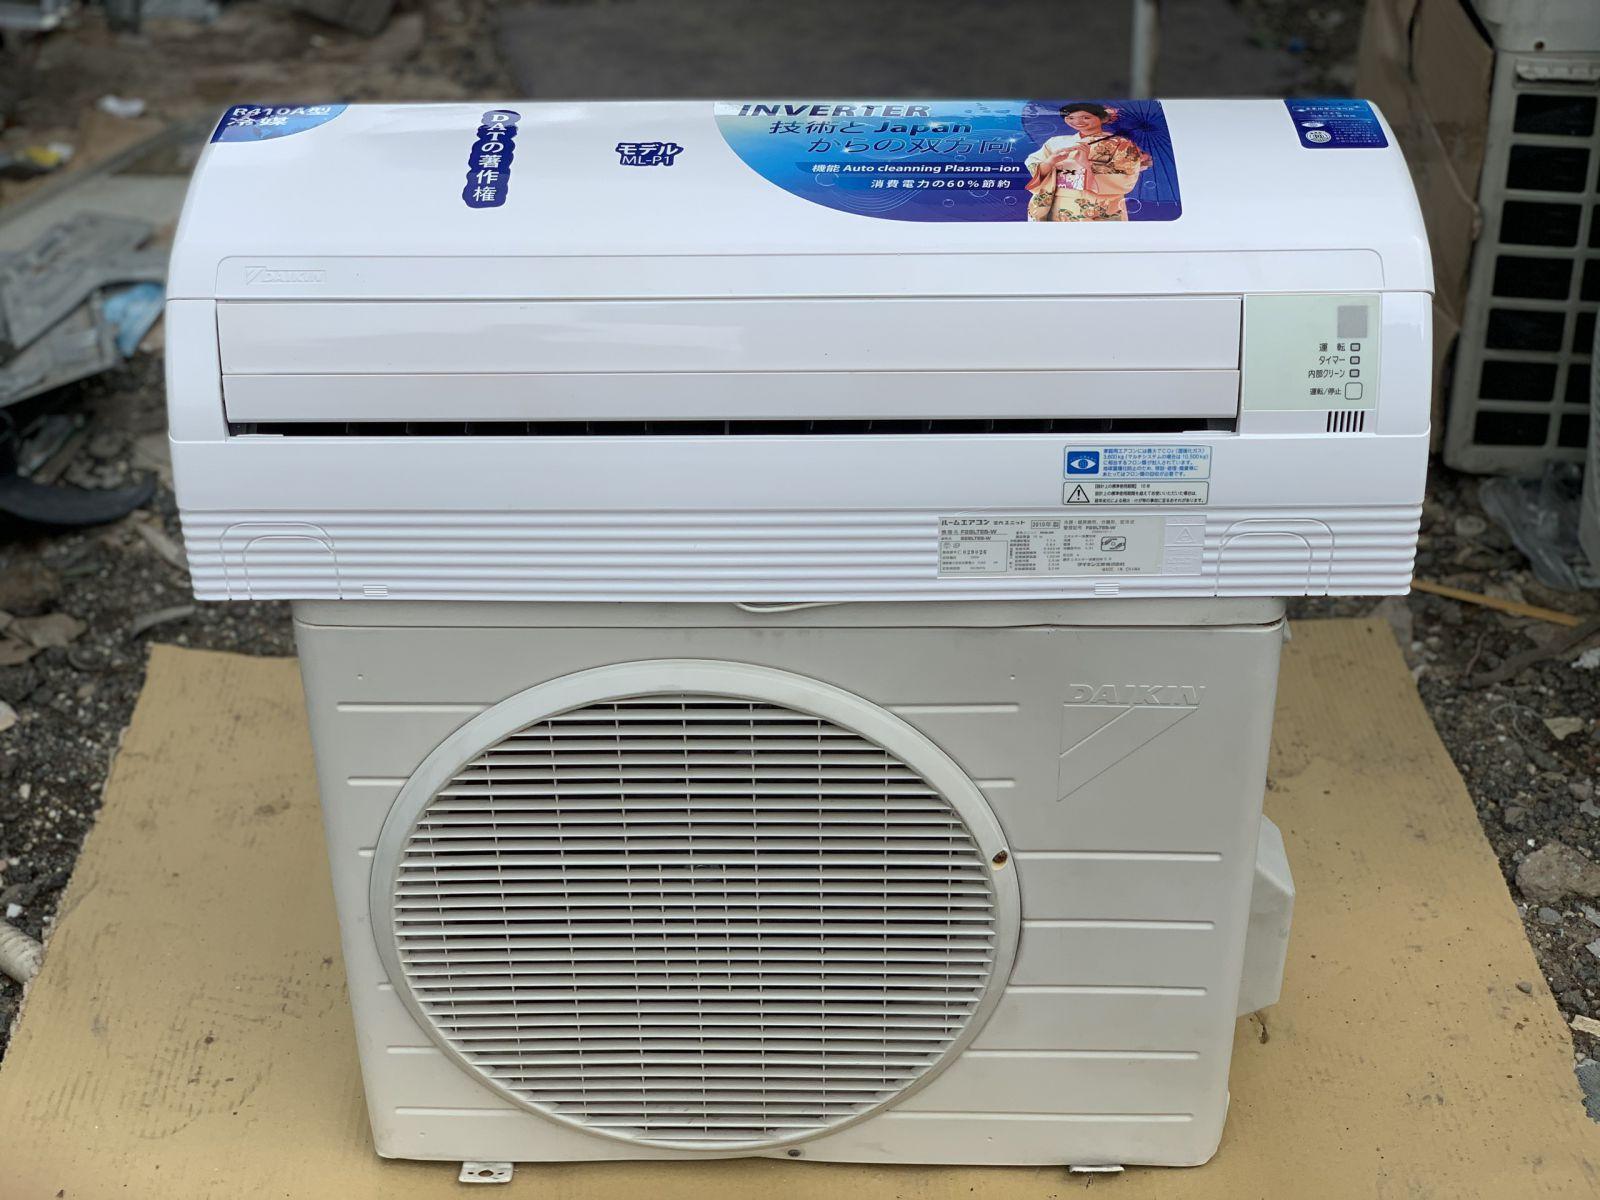 Máy lạnh cũ daikin cao cấp 1.5 hp điện 100v đời 2010